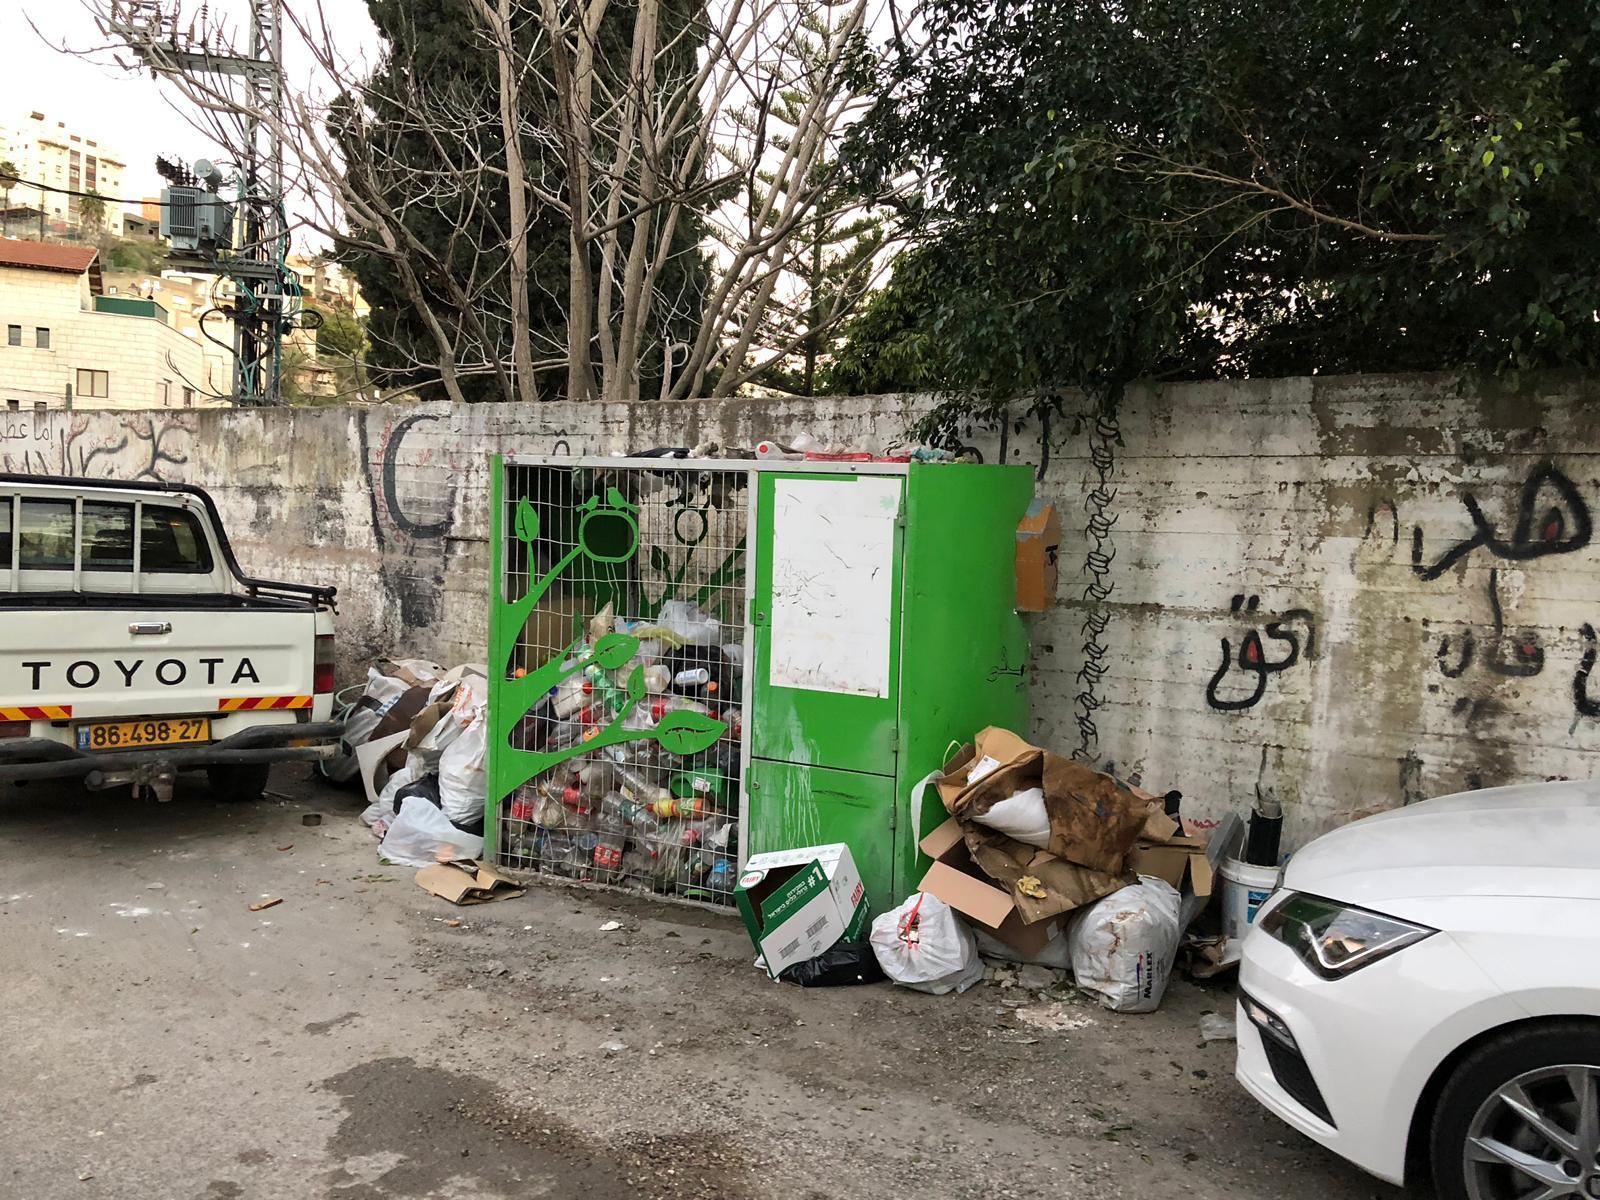 الحي المنسي بالناصرة: إهمال وانعدام خدمات